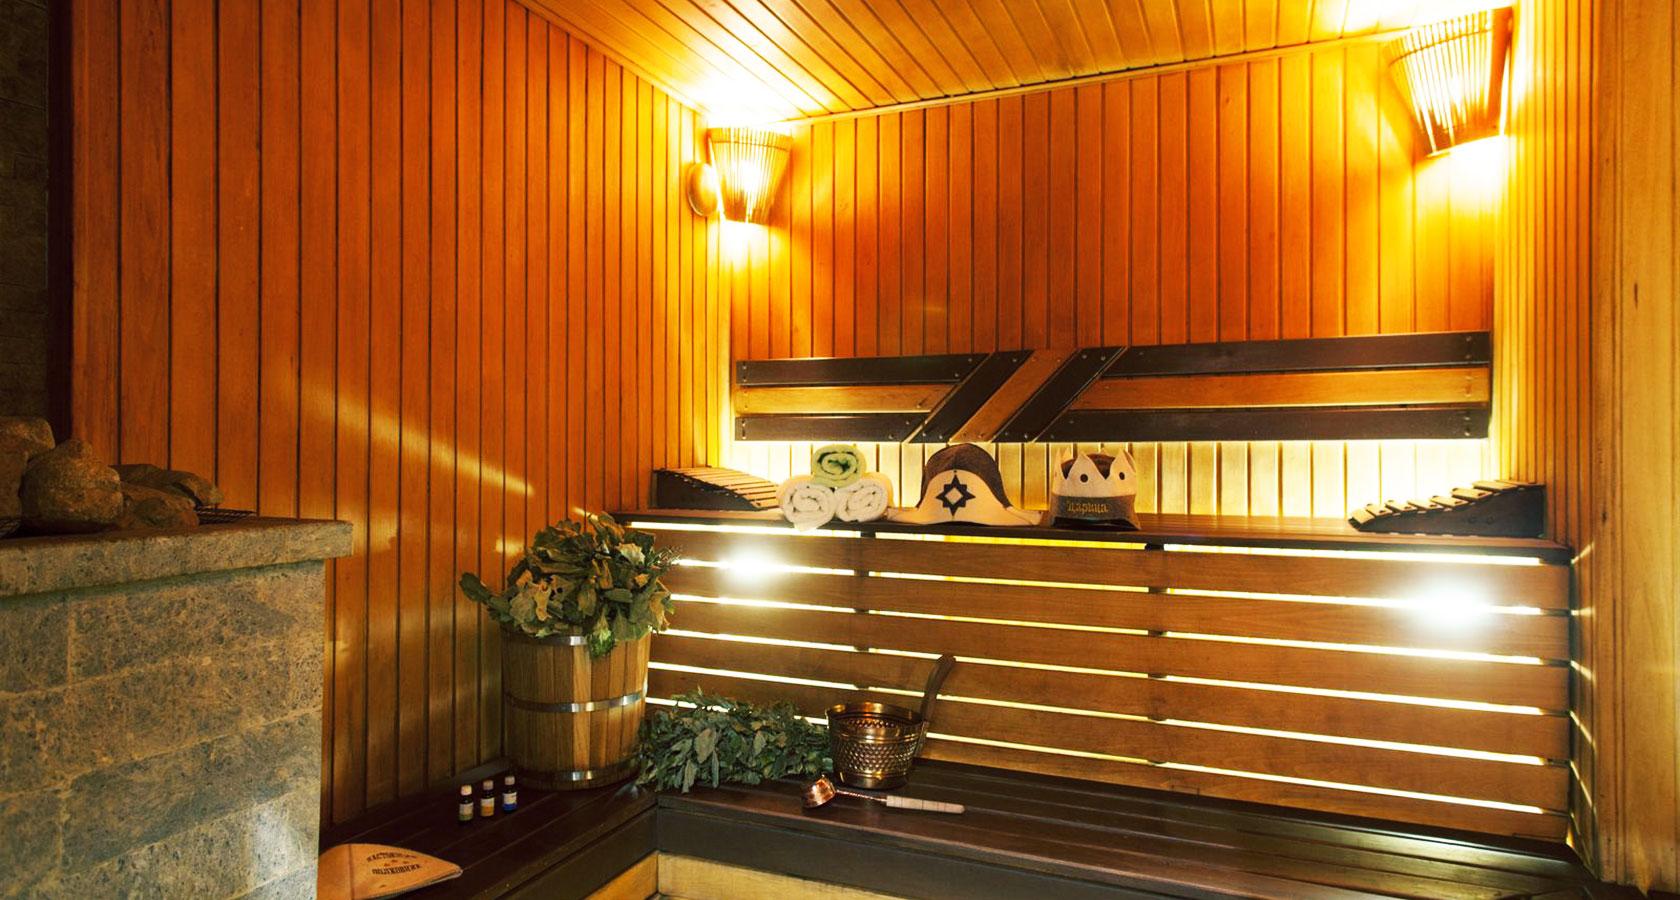 Пожарная безопасность бани и сауны — основные моменты